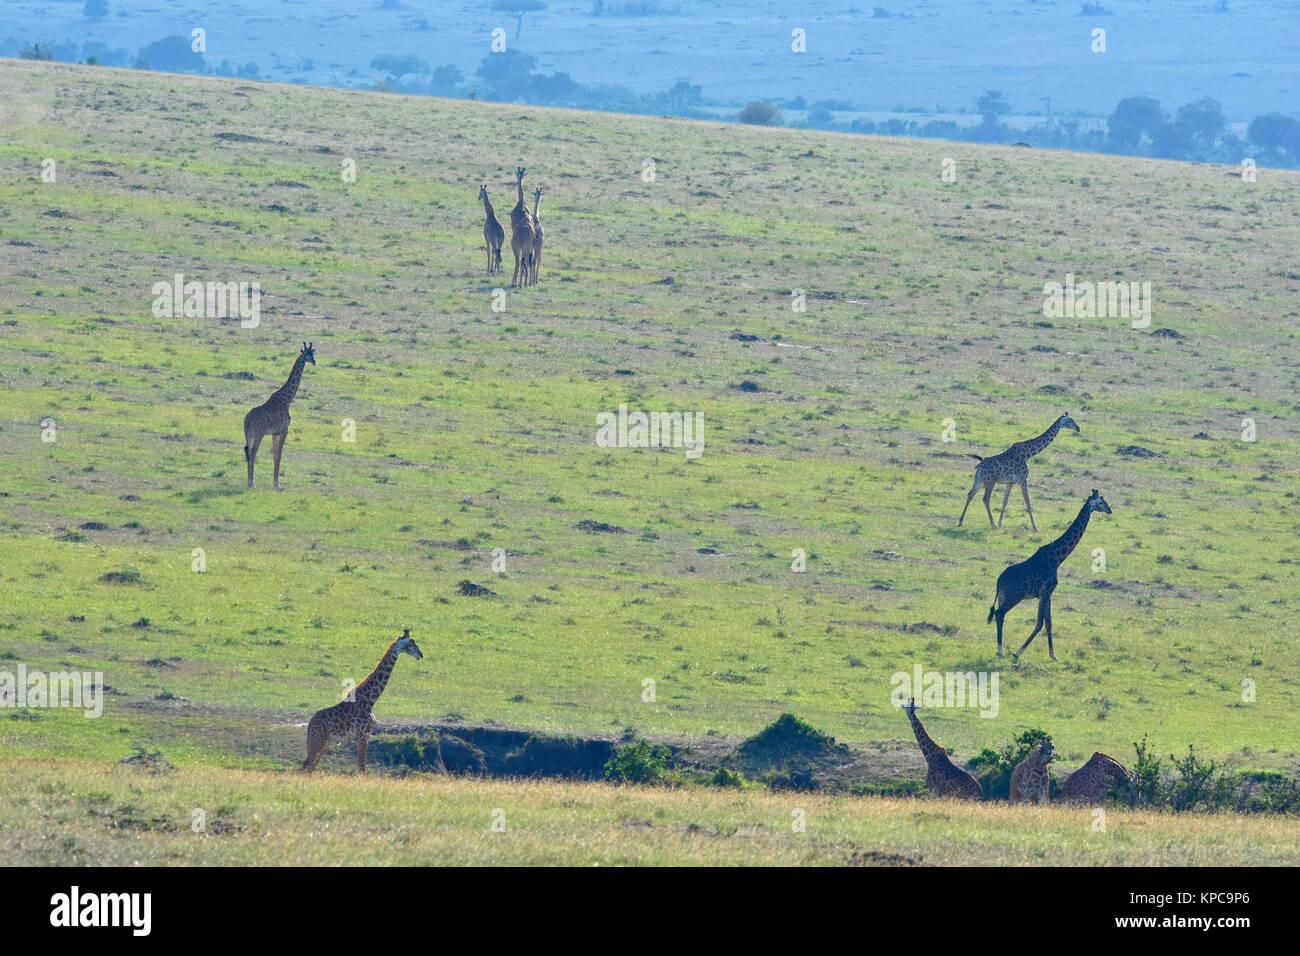 Le Kenya est une destination touristique de premier choix en Afrique de l'Est. Célèbre pour la faune Photo Stock